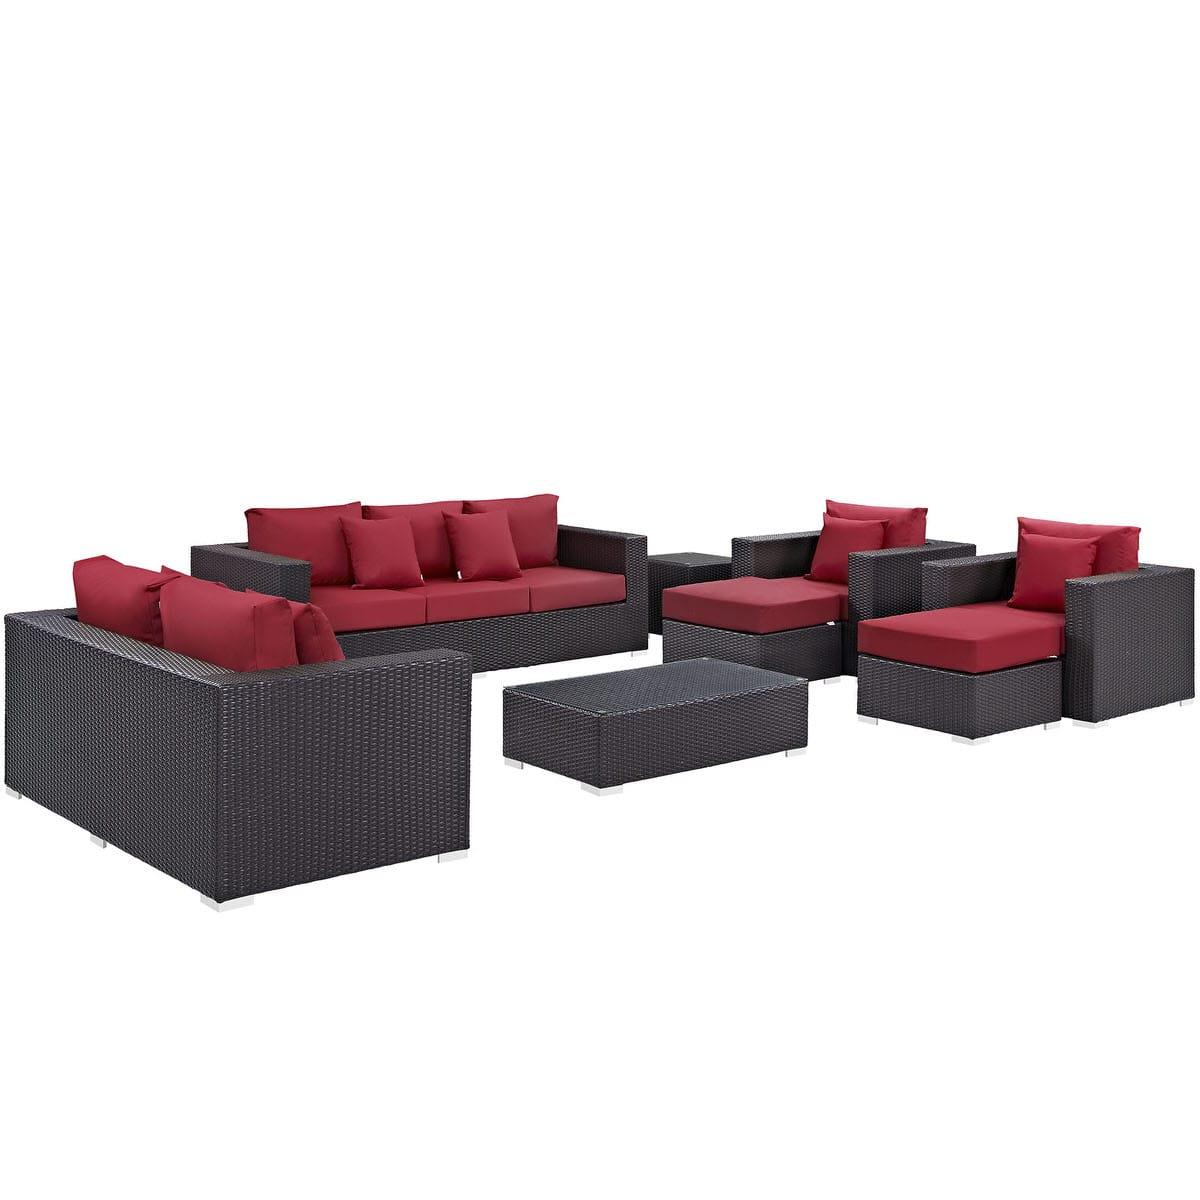 Convene 9 Piece Outdoor Patio Sofa Set Espresso Red by Modern Living